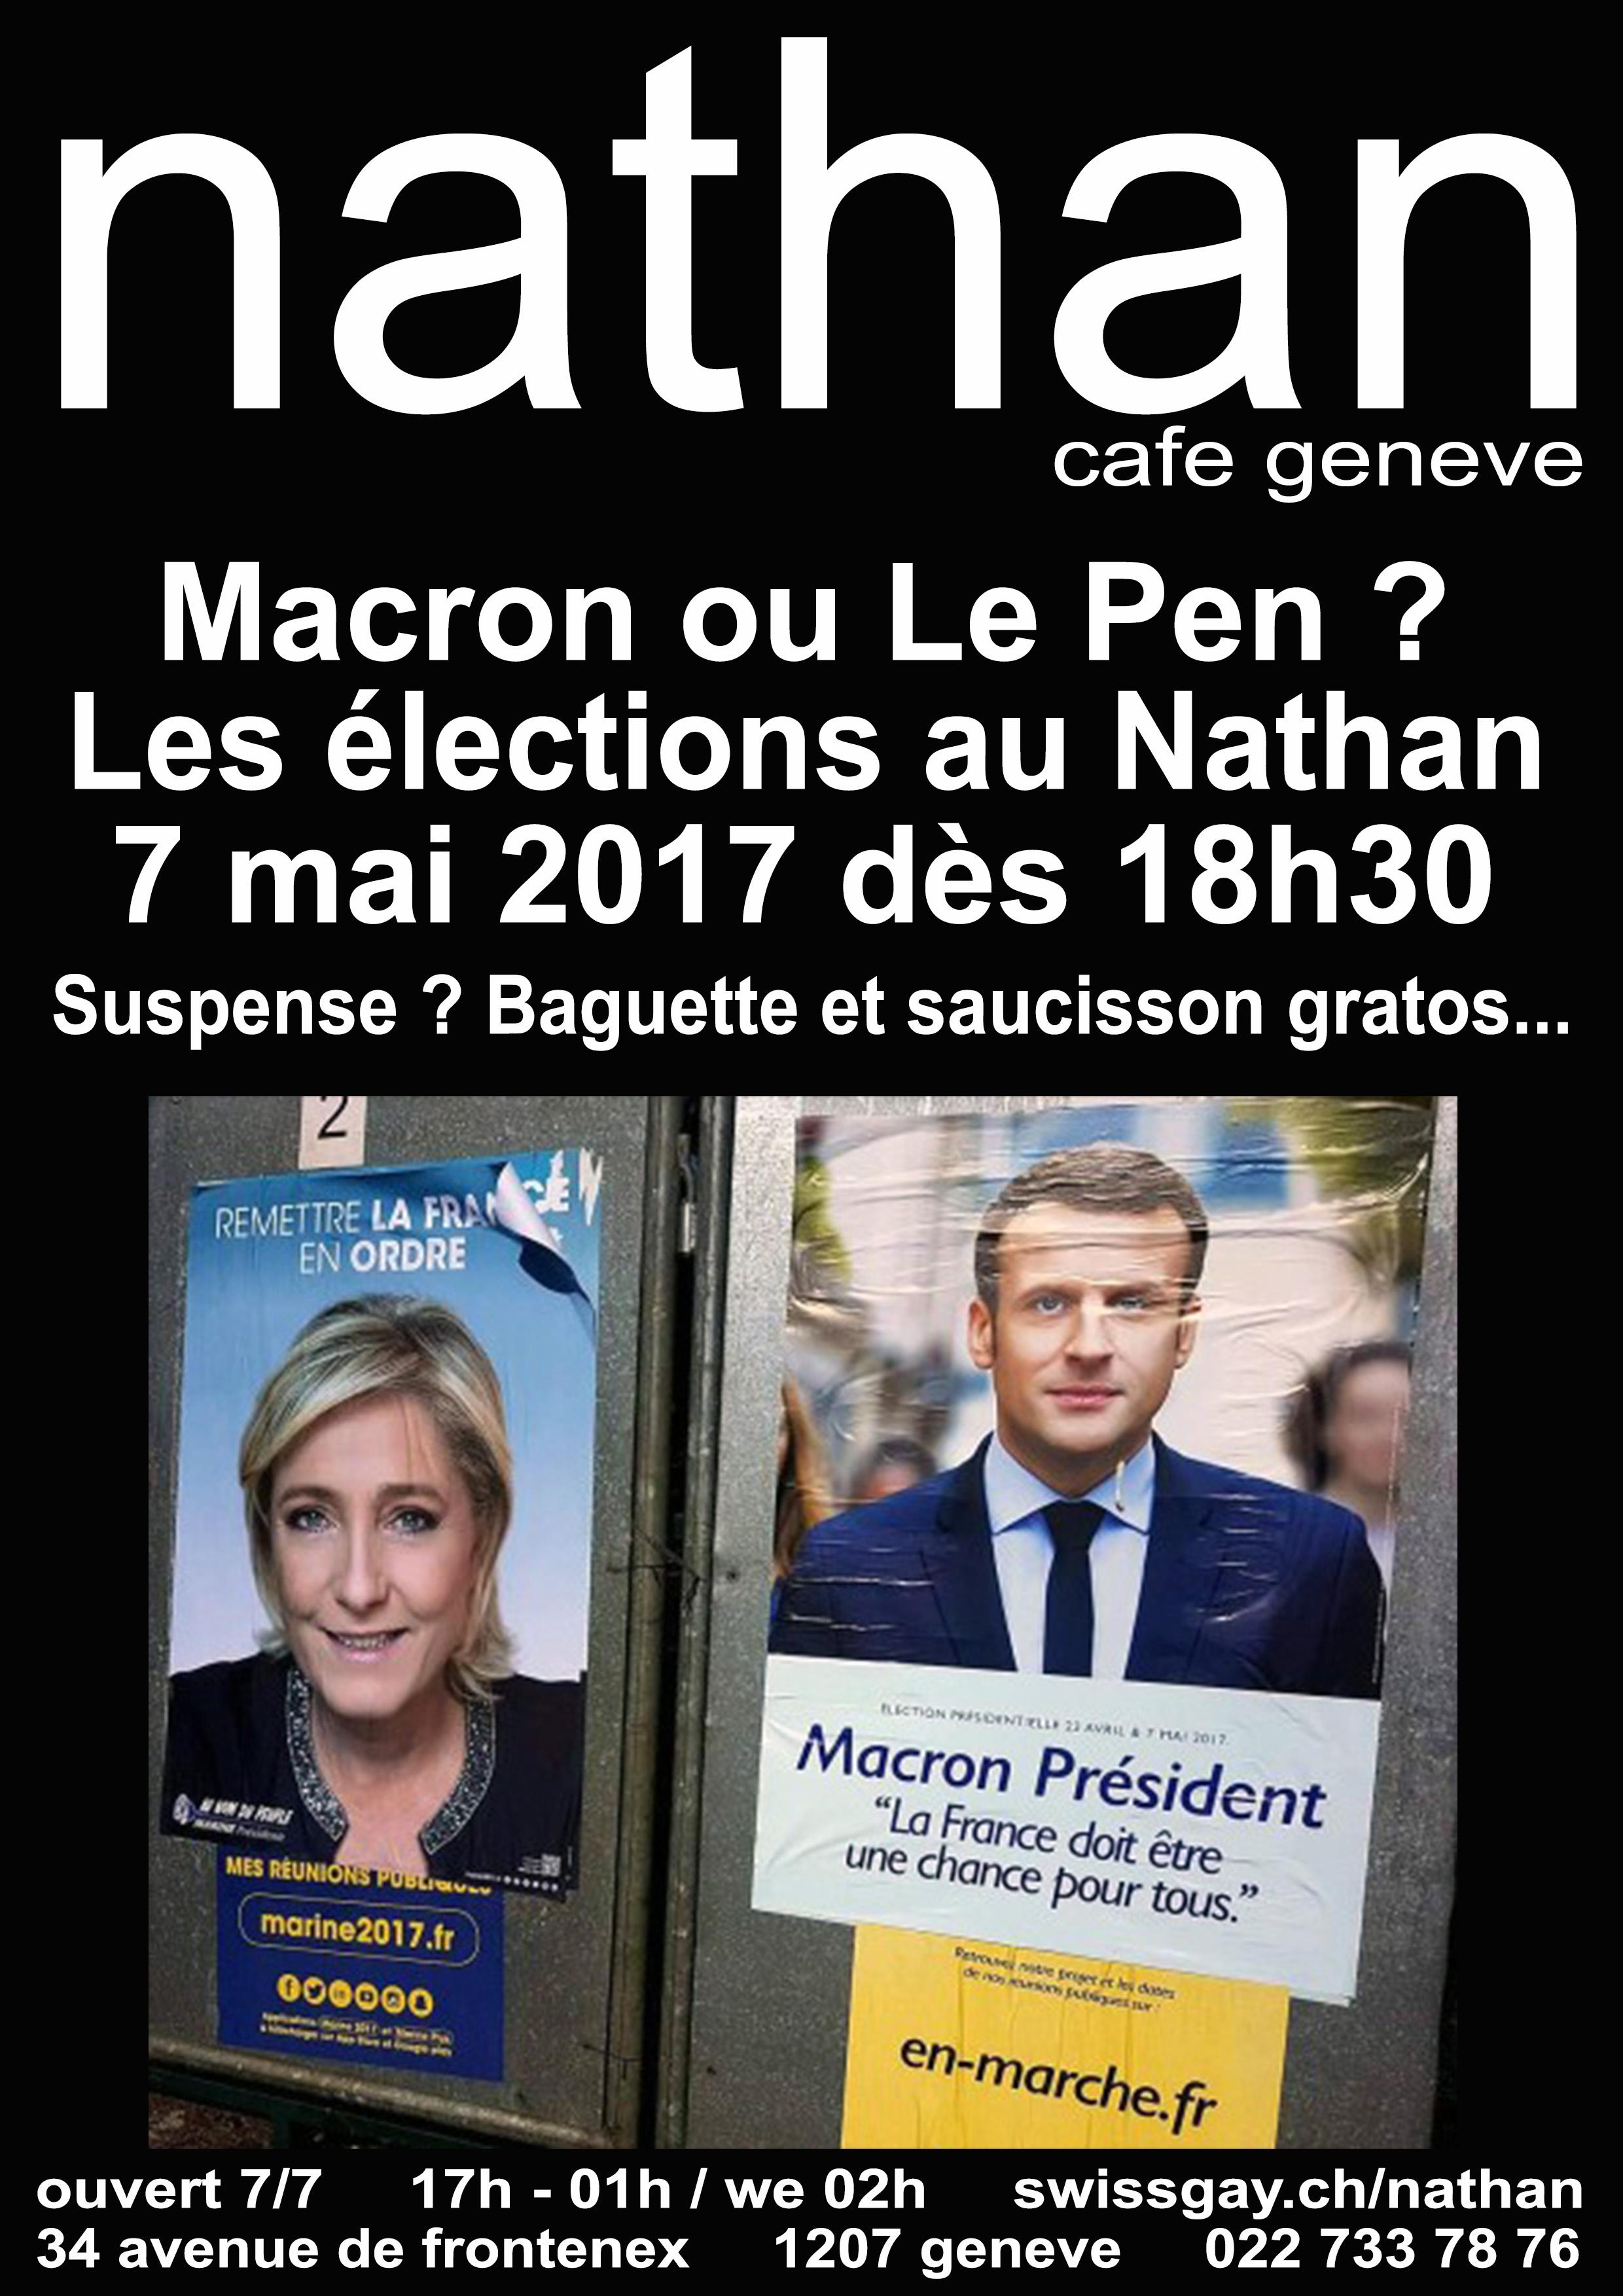 Nathan Café Genève - Les élections françaises au Nathan ! - Dimanche 7 mai 2017